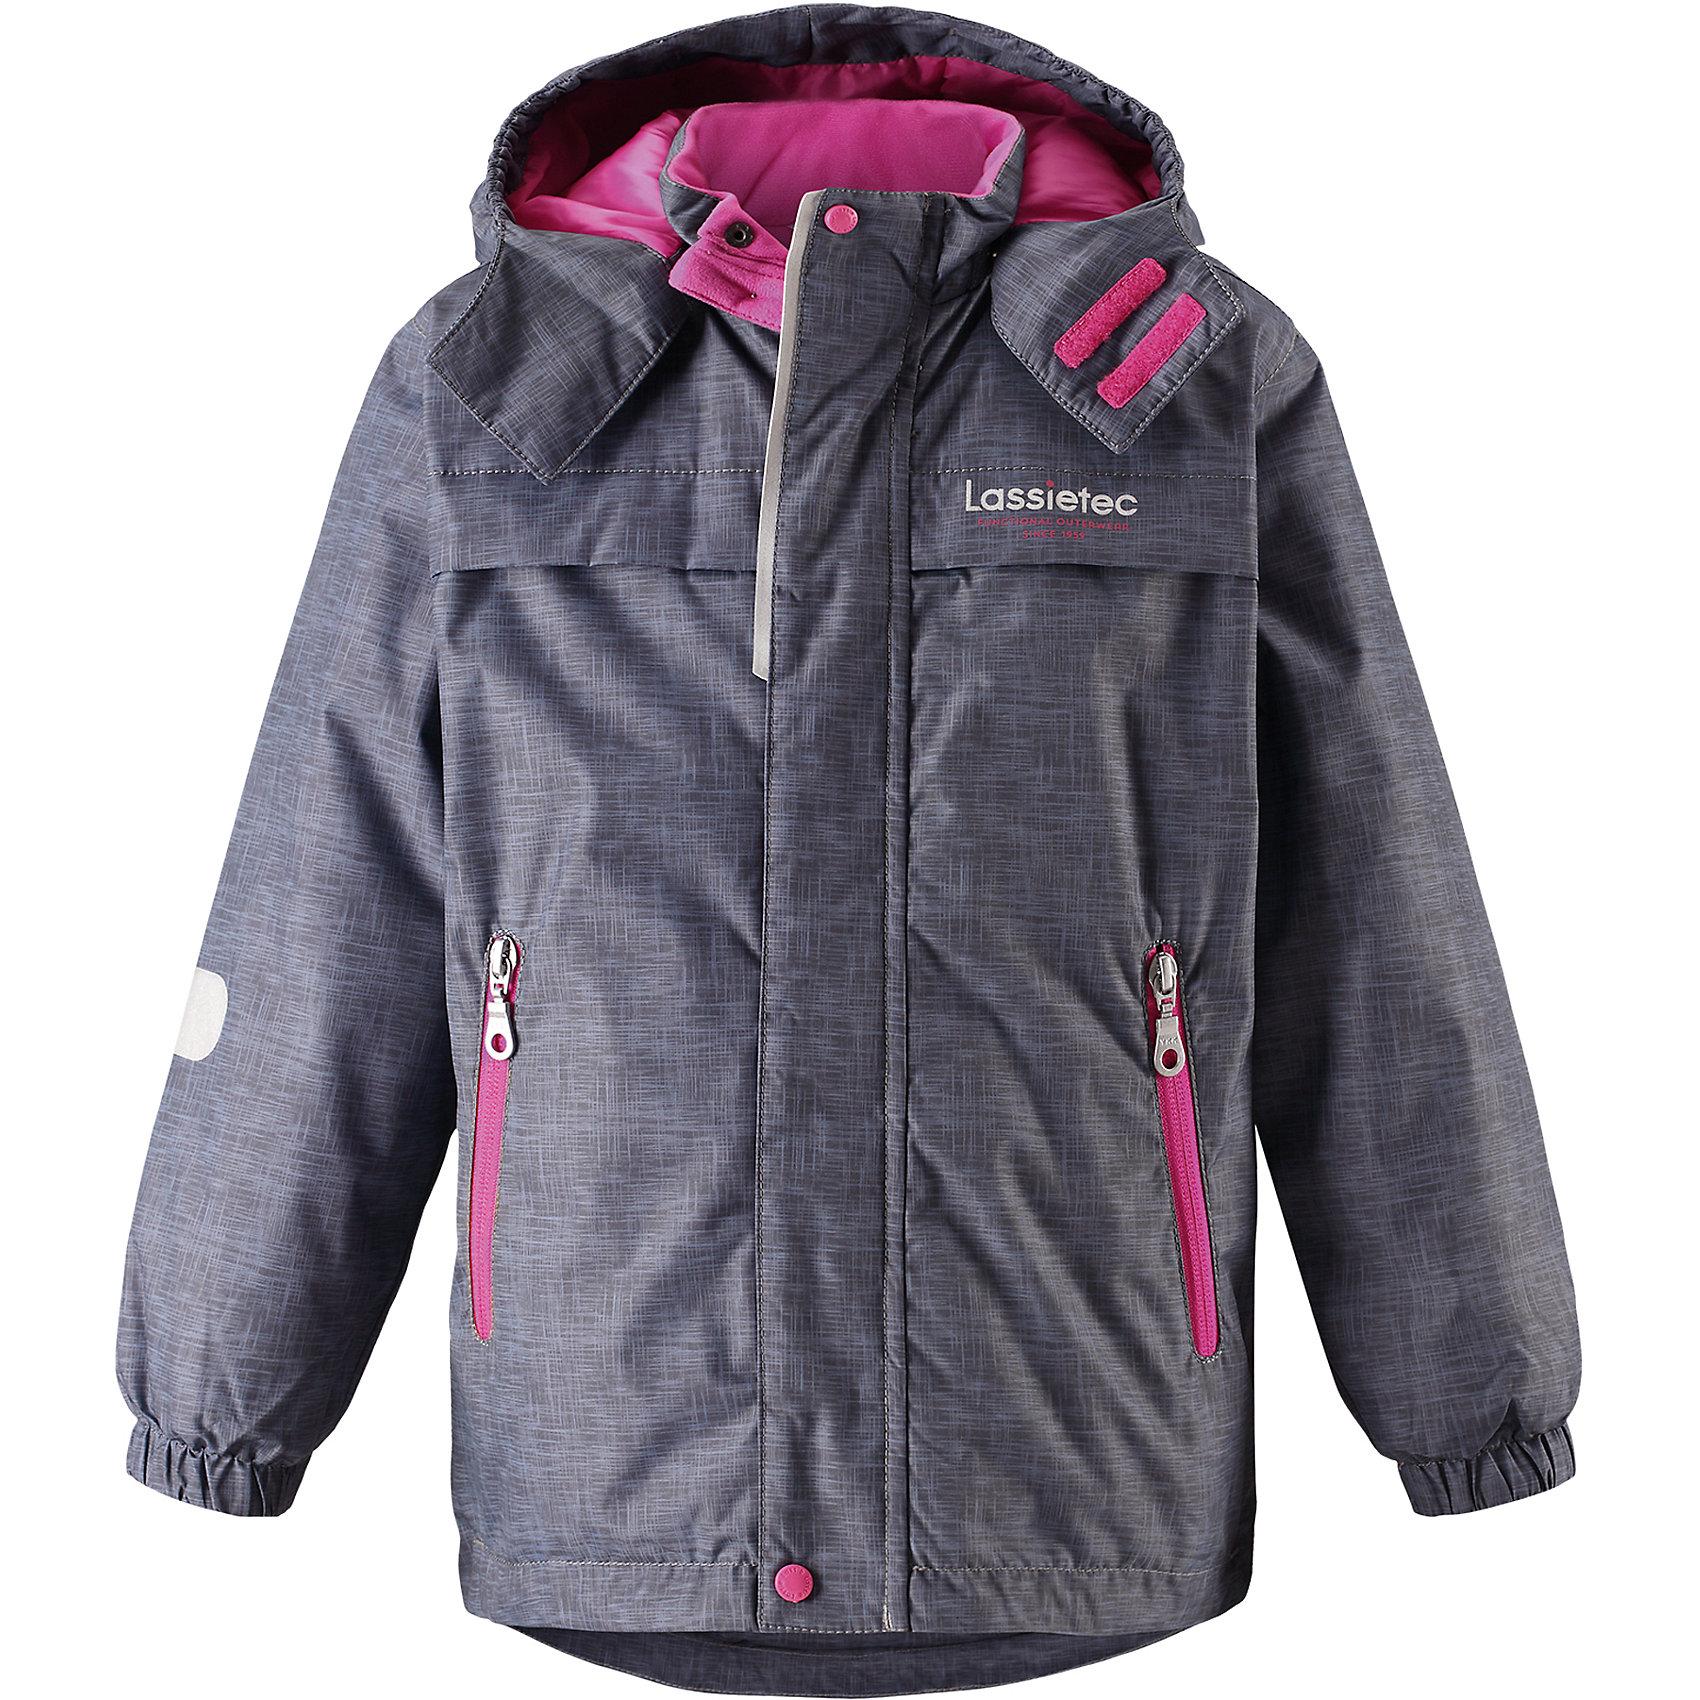 Куртка Lassietec LassieОдежда<br>Характеристики товара:<br><br>• цвет: серый/розовый;<br>• состав: 100% полиэстер, полиуретановое покрытие;<br>• подкладка: 100% полиэстер;<br>• утеплитель: 140 г/м2;<br>• сезон: зима;<br>• температурный режим: от 0 до -20С;<br>• водонепроницаемость: 5000 мм;<br>• воздухопроницаемость: 5000 мм;<br>• износостойкость: 20000 циклов (тест Мартиндейла)<br>• застежка: молния с дополнительной защитной планкой;<br>• водоотталкивающий, ветронепроницаемый, дышащий и грязеотталкивающий материал;<br>• внешние швы проклеены;<br>• гладкая подкладка из полиэстера;<br>• безопасный съемный капюшон; <br>• эластичная талия и манжеты рукавов;<br>• карманы на молнии;<br>• светоотражающие детали;<br>• страна бренда: Финляндия;<br>• страна изготовитель: Китай;<br><br>Эта теплая и функциональная детская зимняя куртка Lassietec® отлично подходит для ежедневной носки! Съемный капюшон защищает от пронизывающего ветра и гарантирует безопасность во время игр на свежем воздухе. Гладкая и приятная на ощупь подкладка облегчает надевание и обеспечивает дополнительное утепление. Все основные швы в куртке проклеены, водонепроницаемы, а водонепроницаемый, ветронепроницаемый и дышащий материал обеспечивает комфорт во время веселых прогулок. <br><br>Куртку Lassietec Lassie (Ласси) для мальчика можно купить в нашем интернет-магазине.<br><br>Ширина мм: 356<br>Глубина мм: 10<br>Высота мм: 245<br>Вес г: 519<br>Цвет: серый<br>Возраст от месяцев: 108<br>Возраст до месяцев: 120<br>Пол: Унисекс<br>Возраст: Детский<br>Размер: 140,92,98,104,110,116,122,128,134<br>SKU: 6927443